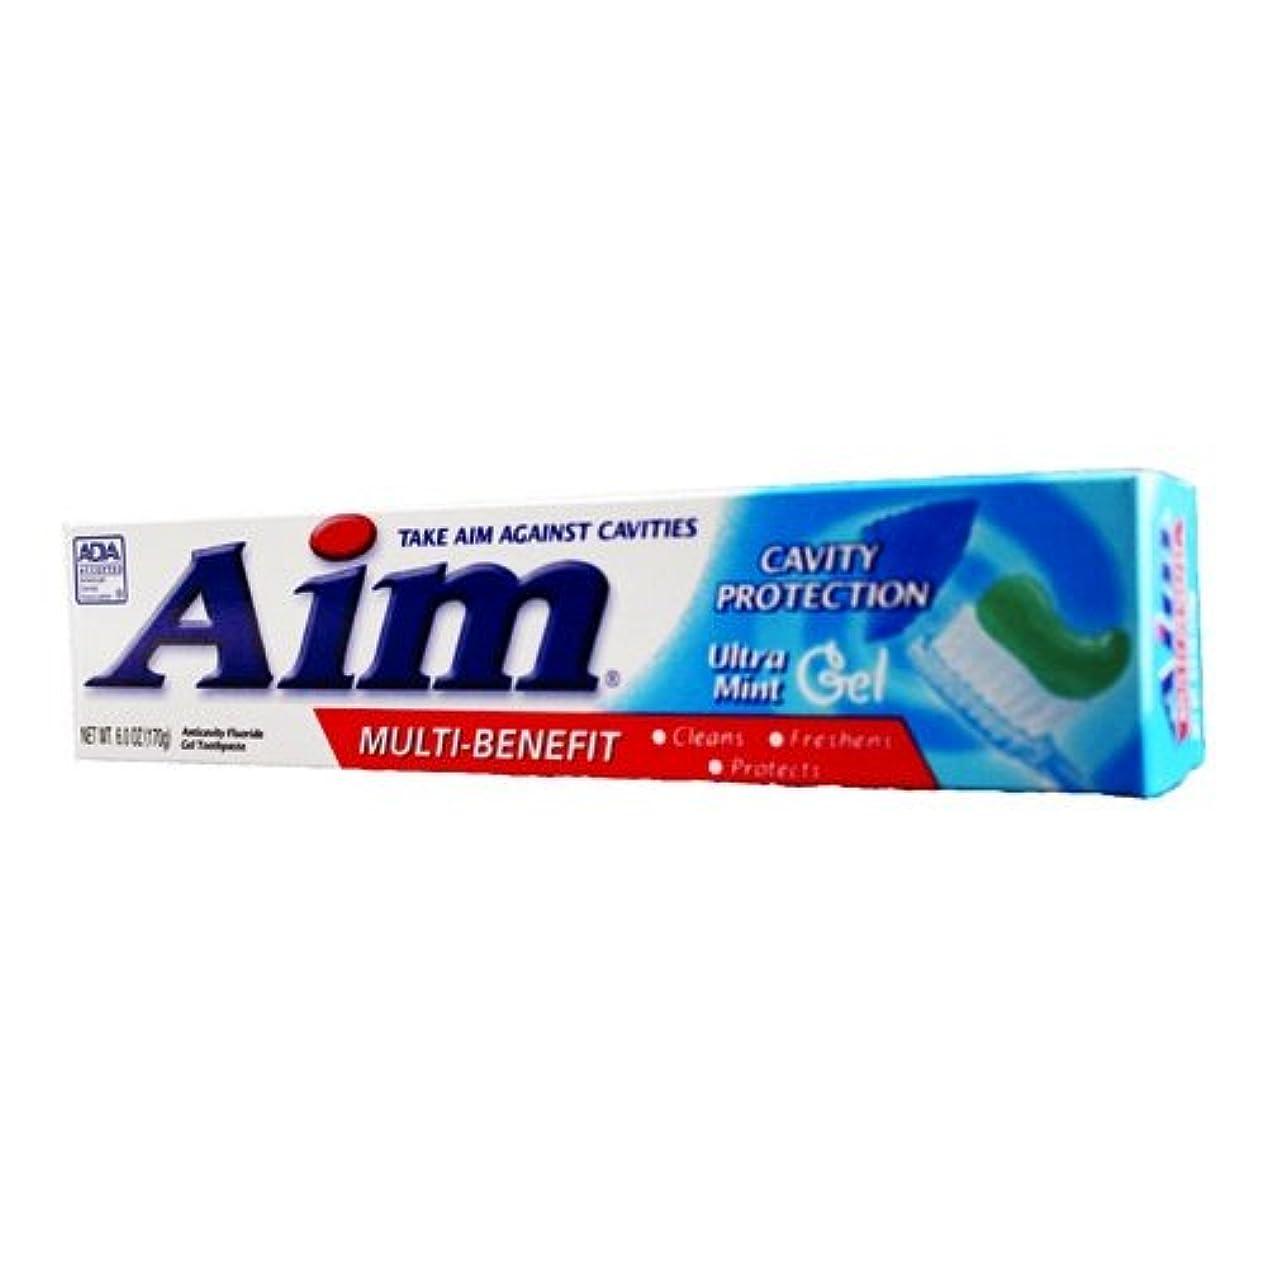 接続テクニカルミシン目Aim Cavity Protection Anticavity Fluoride Toothpaste, Ultra Mint Gel 180 ml (Pack of 12) (並行輸入品)